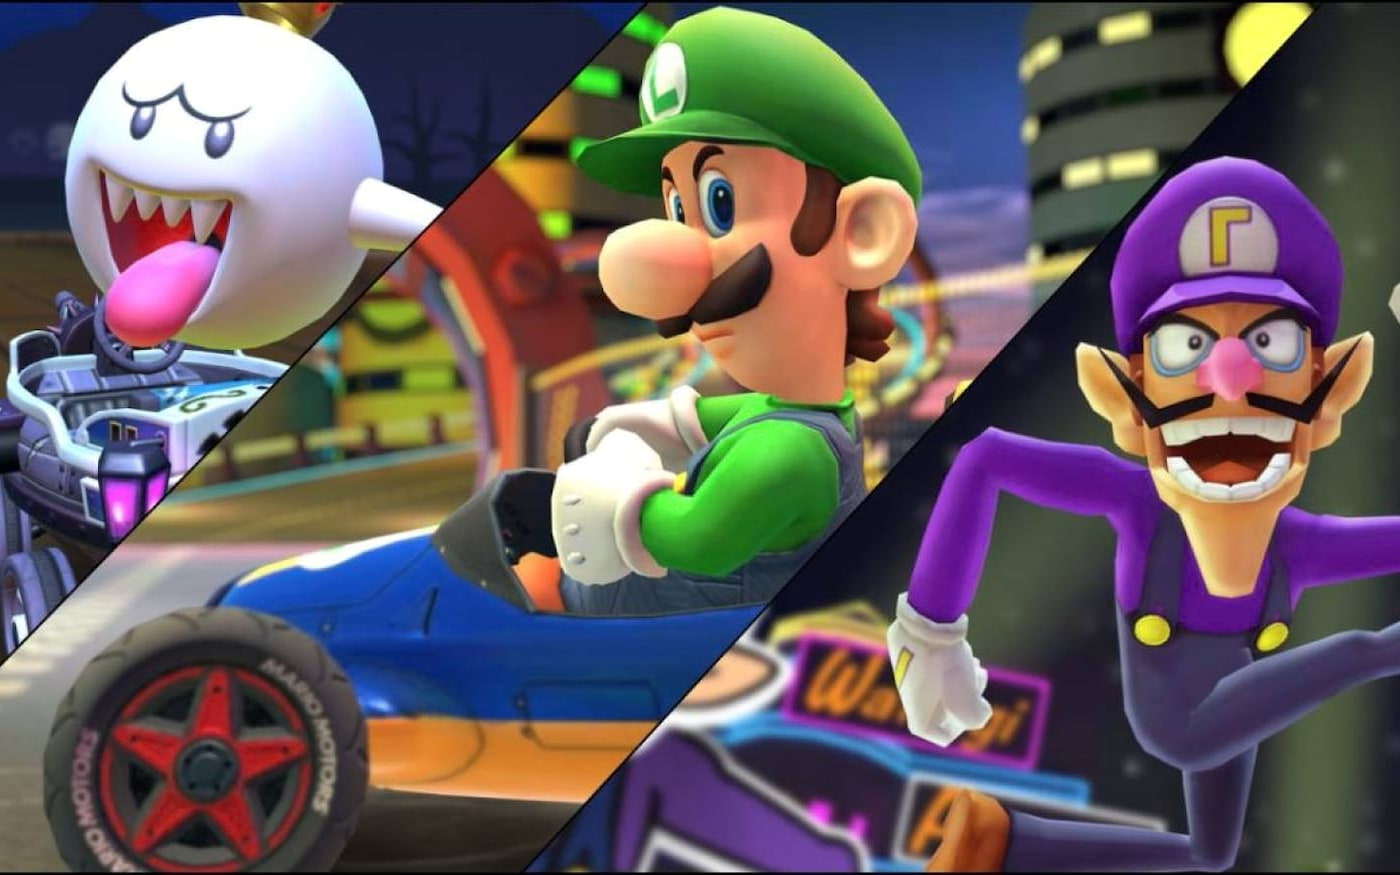 [Mario Kart Tour] Nintendo anuncia novos personagens, karts e itens no Halloween Tour